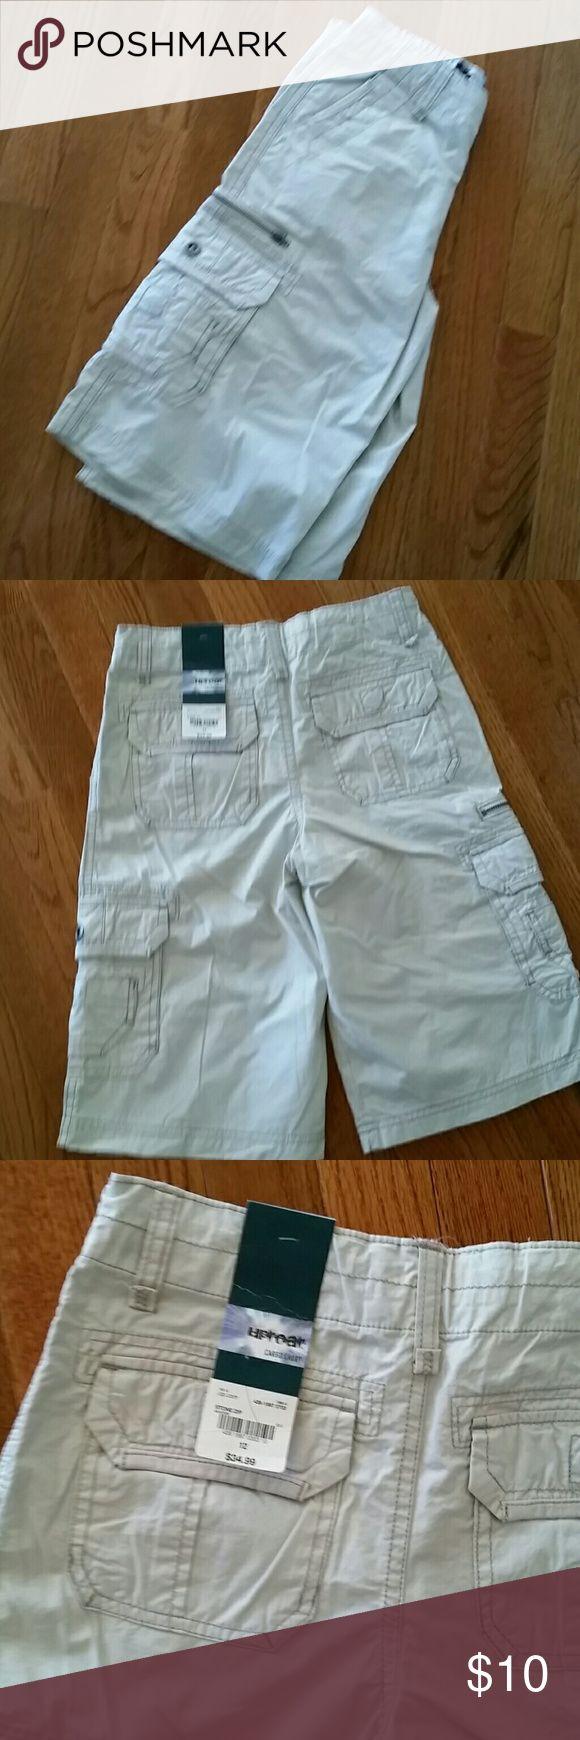 Boy's cargo shorts, size 12 Boy's cargo shorts, size 12, kacky color, from Uproar Uproar Bottoms Shorts